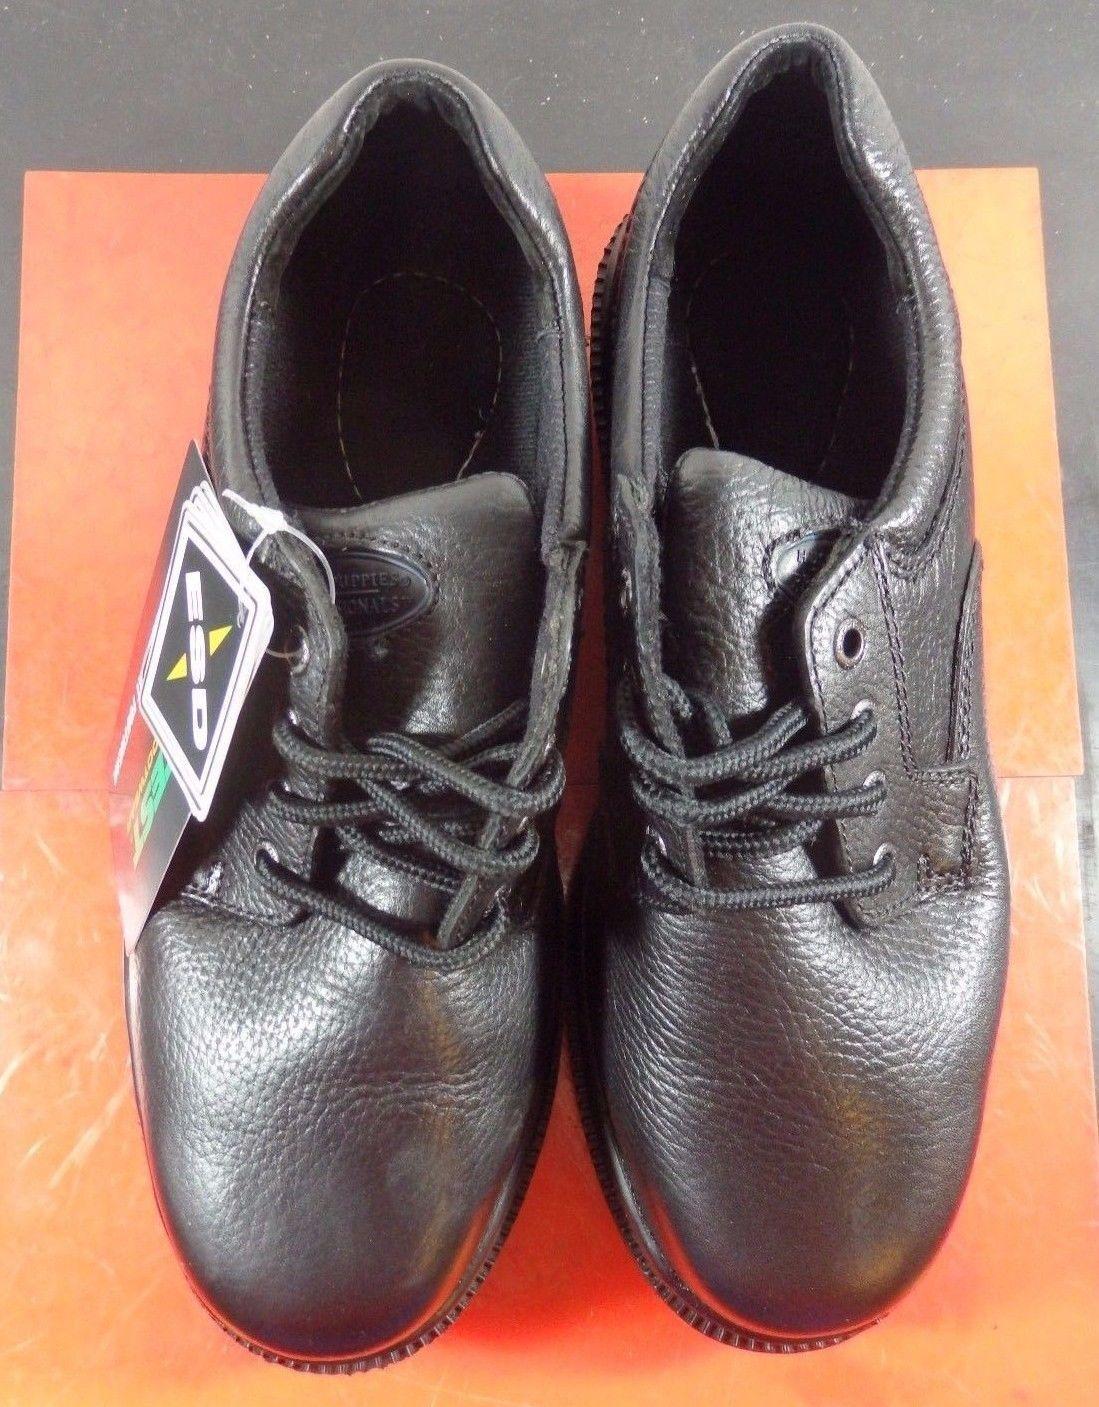 nuovi prodotti novità Hytest Hush Puppies Work scarpe scarpe scarpe nero Steel Toe Donna 6.5 W K37023  nuova esclusiva di fascia alta